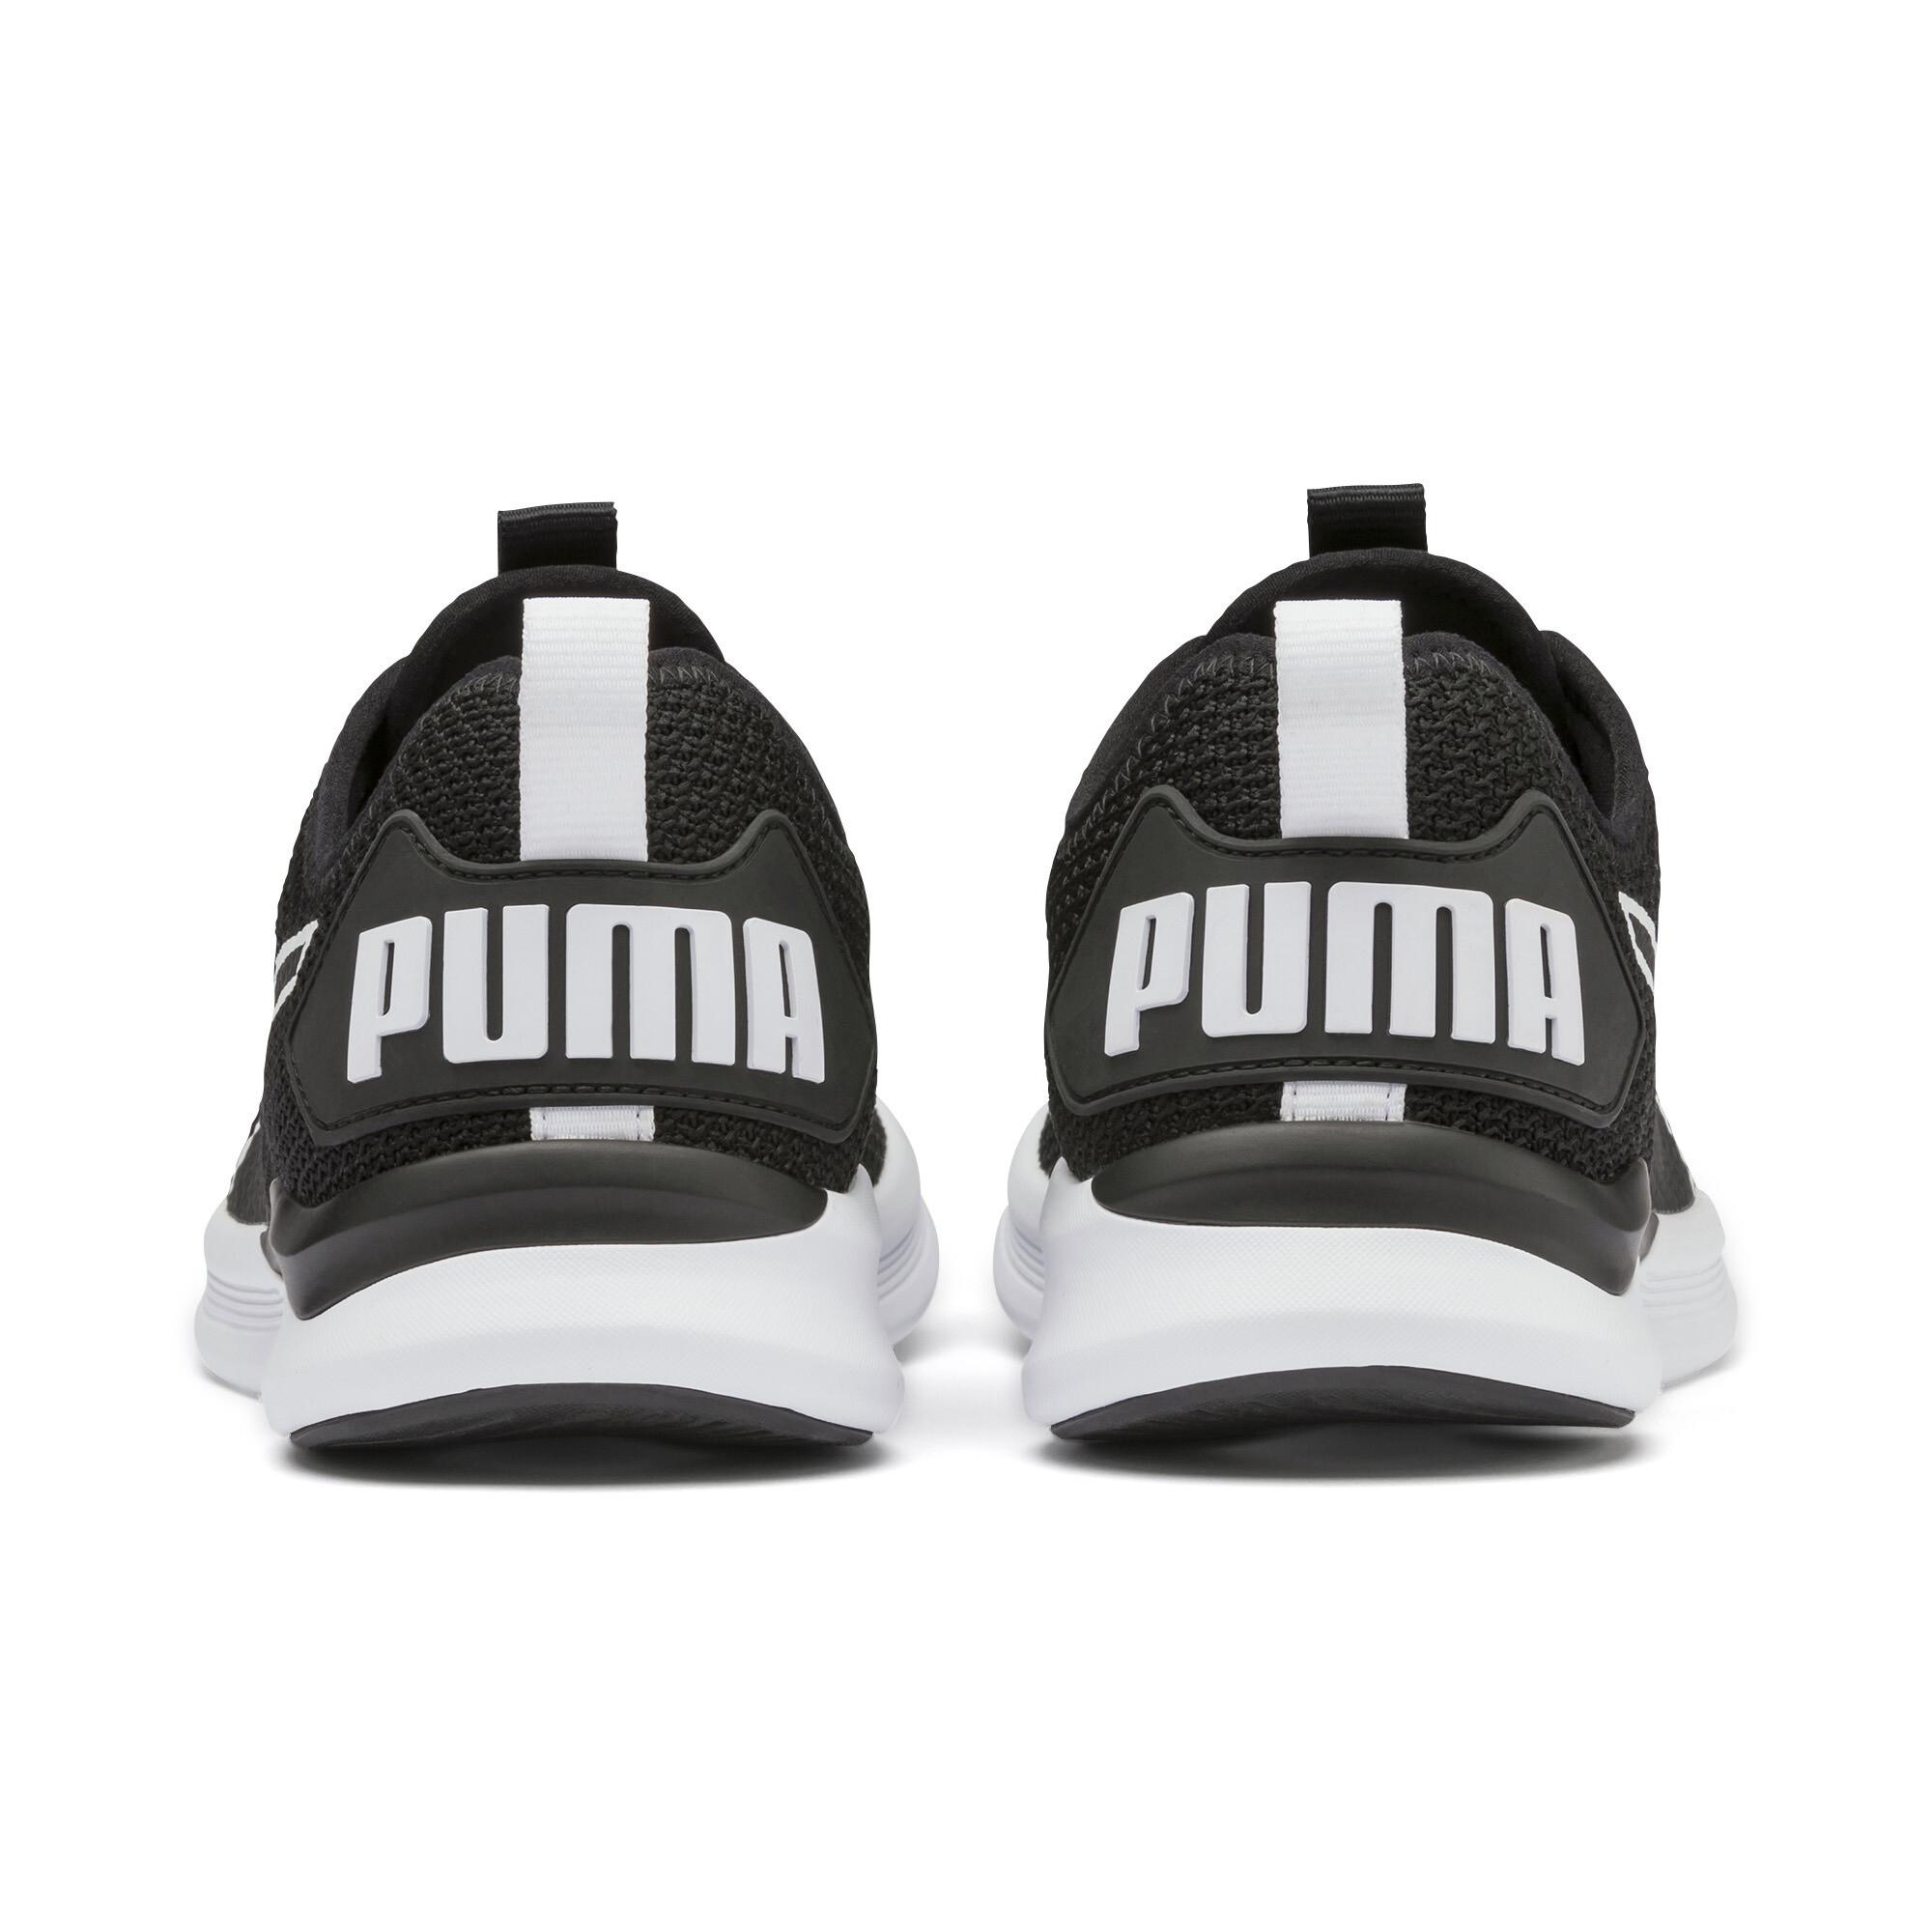 PUMA-IGNITE-Flash-Women-s-Training-Shoes-Women-Shoe-Running thumbnail 10